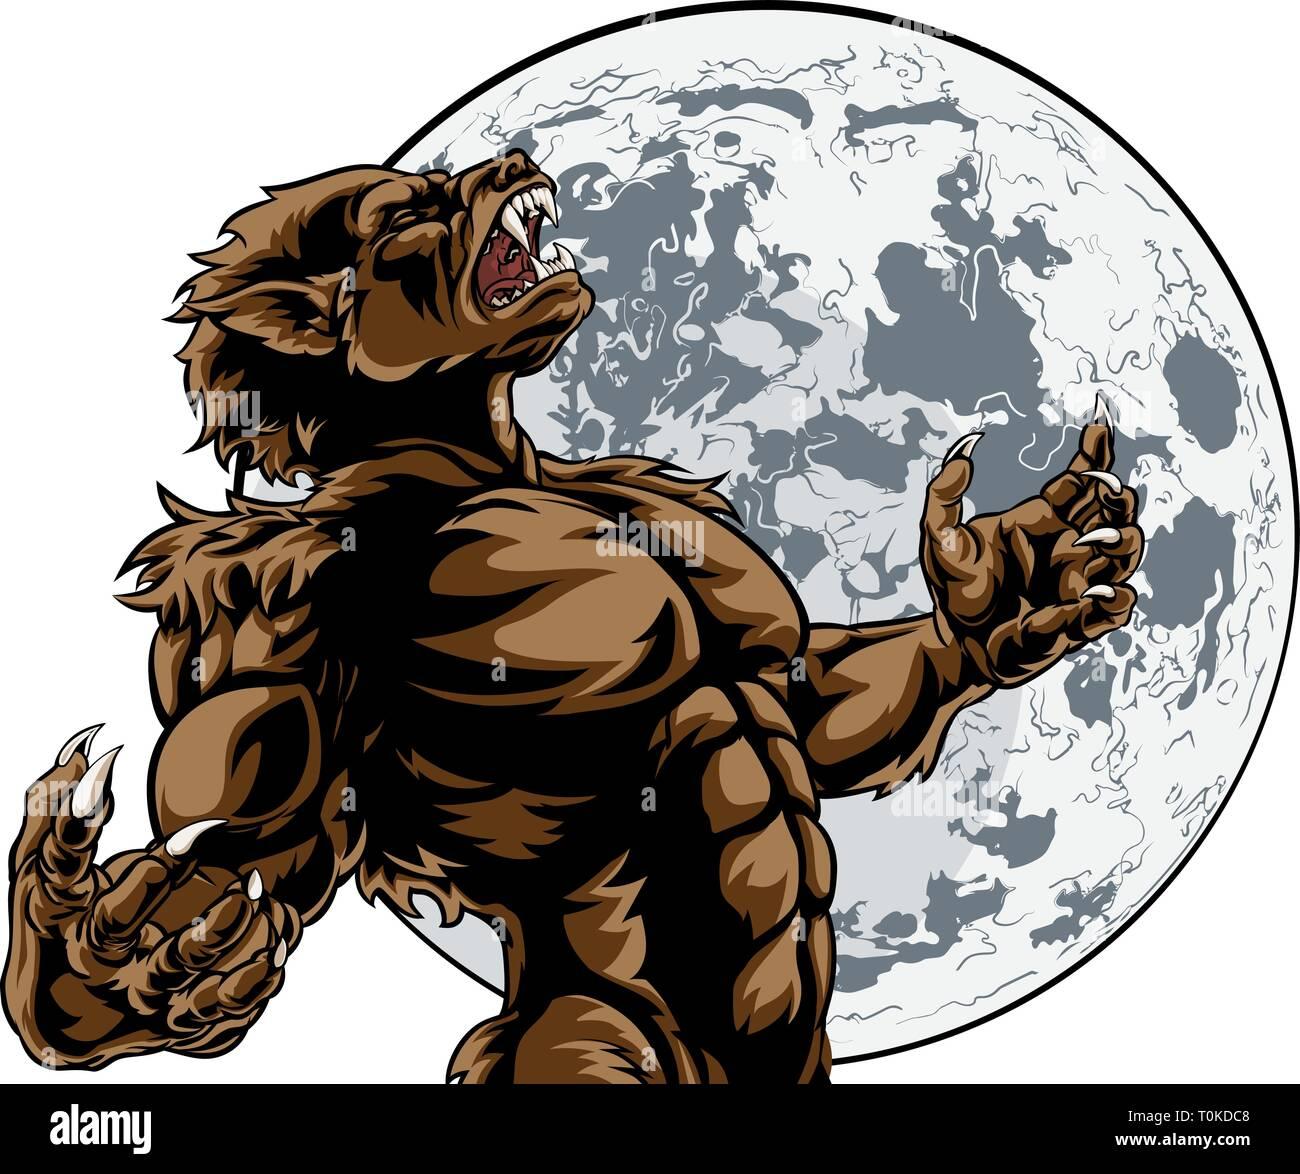 Howling Full Moon Werewolf Monster - Stock Image